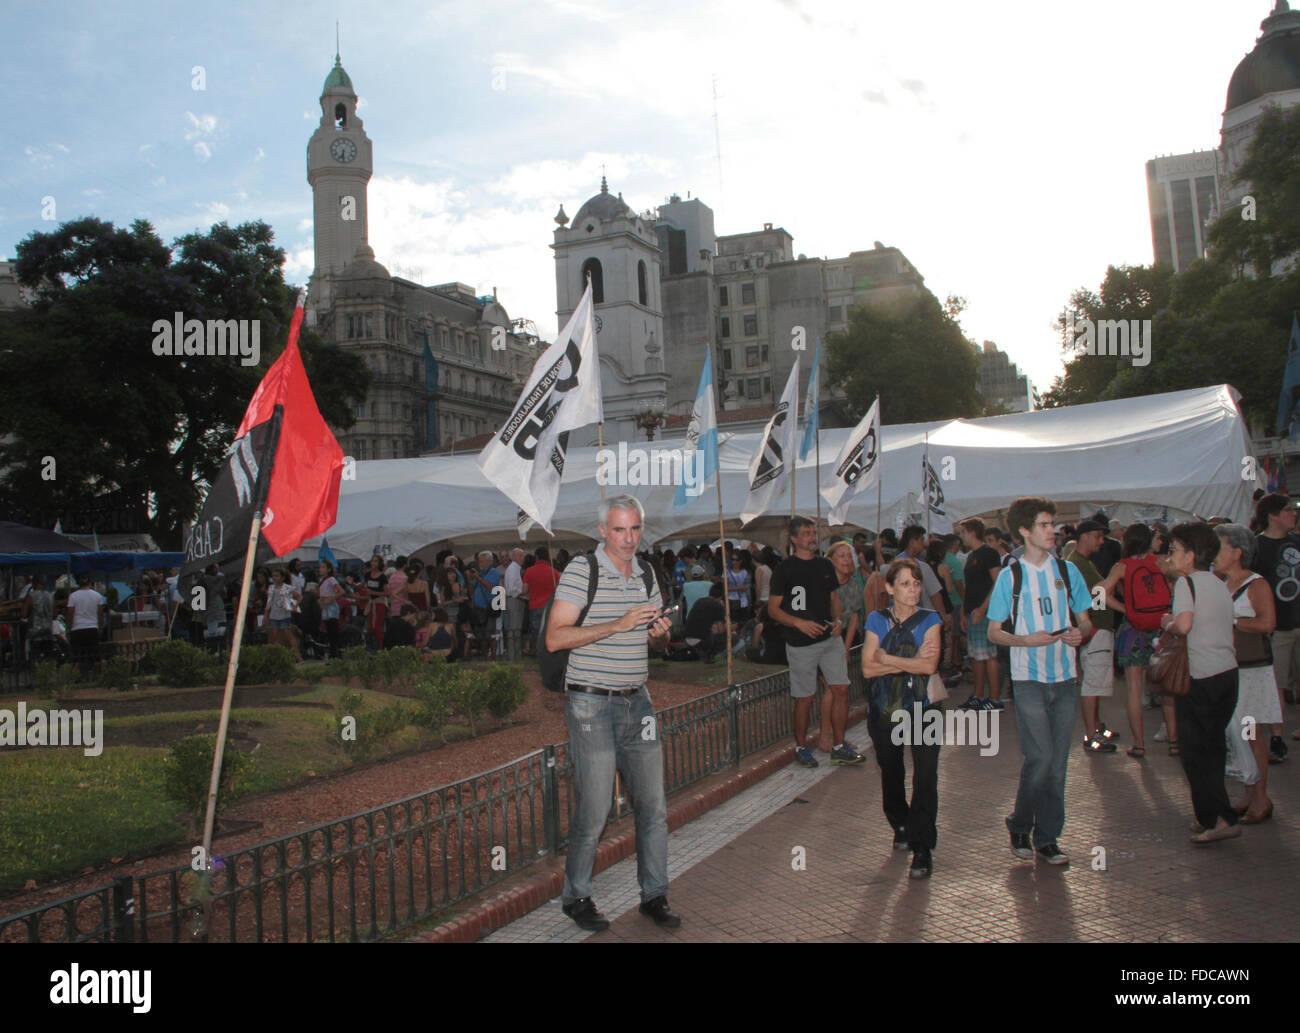 Buenos Aires, Argentina. 29 ene, 2016. Gente acampando en Plaza de Mayo en frente de la Casa Rosada reclamando libre de activista social Milagro Sala detenido en Jujuy. Crédito: Néstor J. Beremblum/Alamy Live News Foto de stock